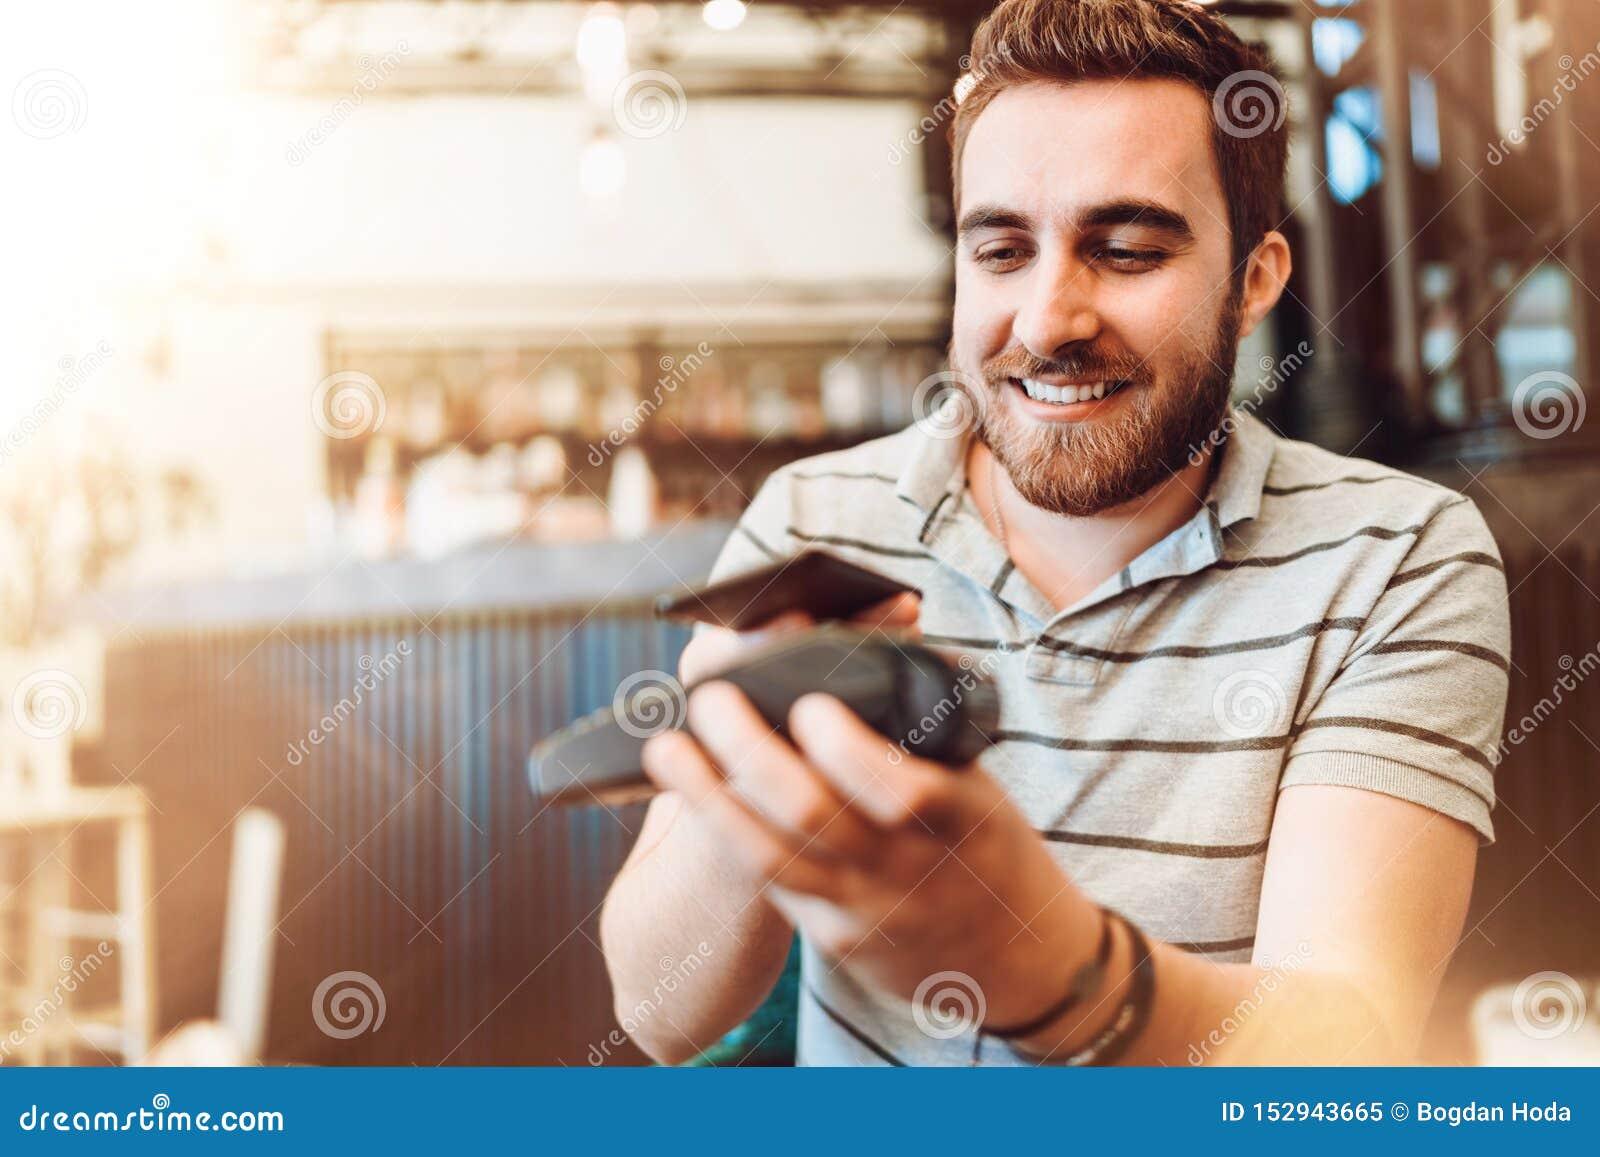 Uomo sorridente che effettua un pagamento senza fili, cliente che per mezzo del telefono cellulare, dispositivo con tecnologia de